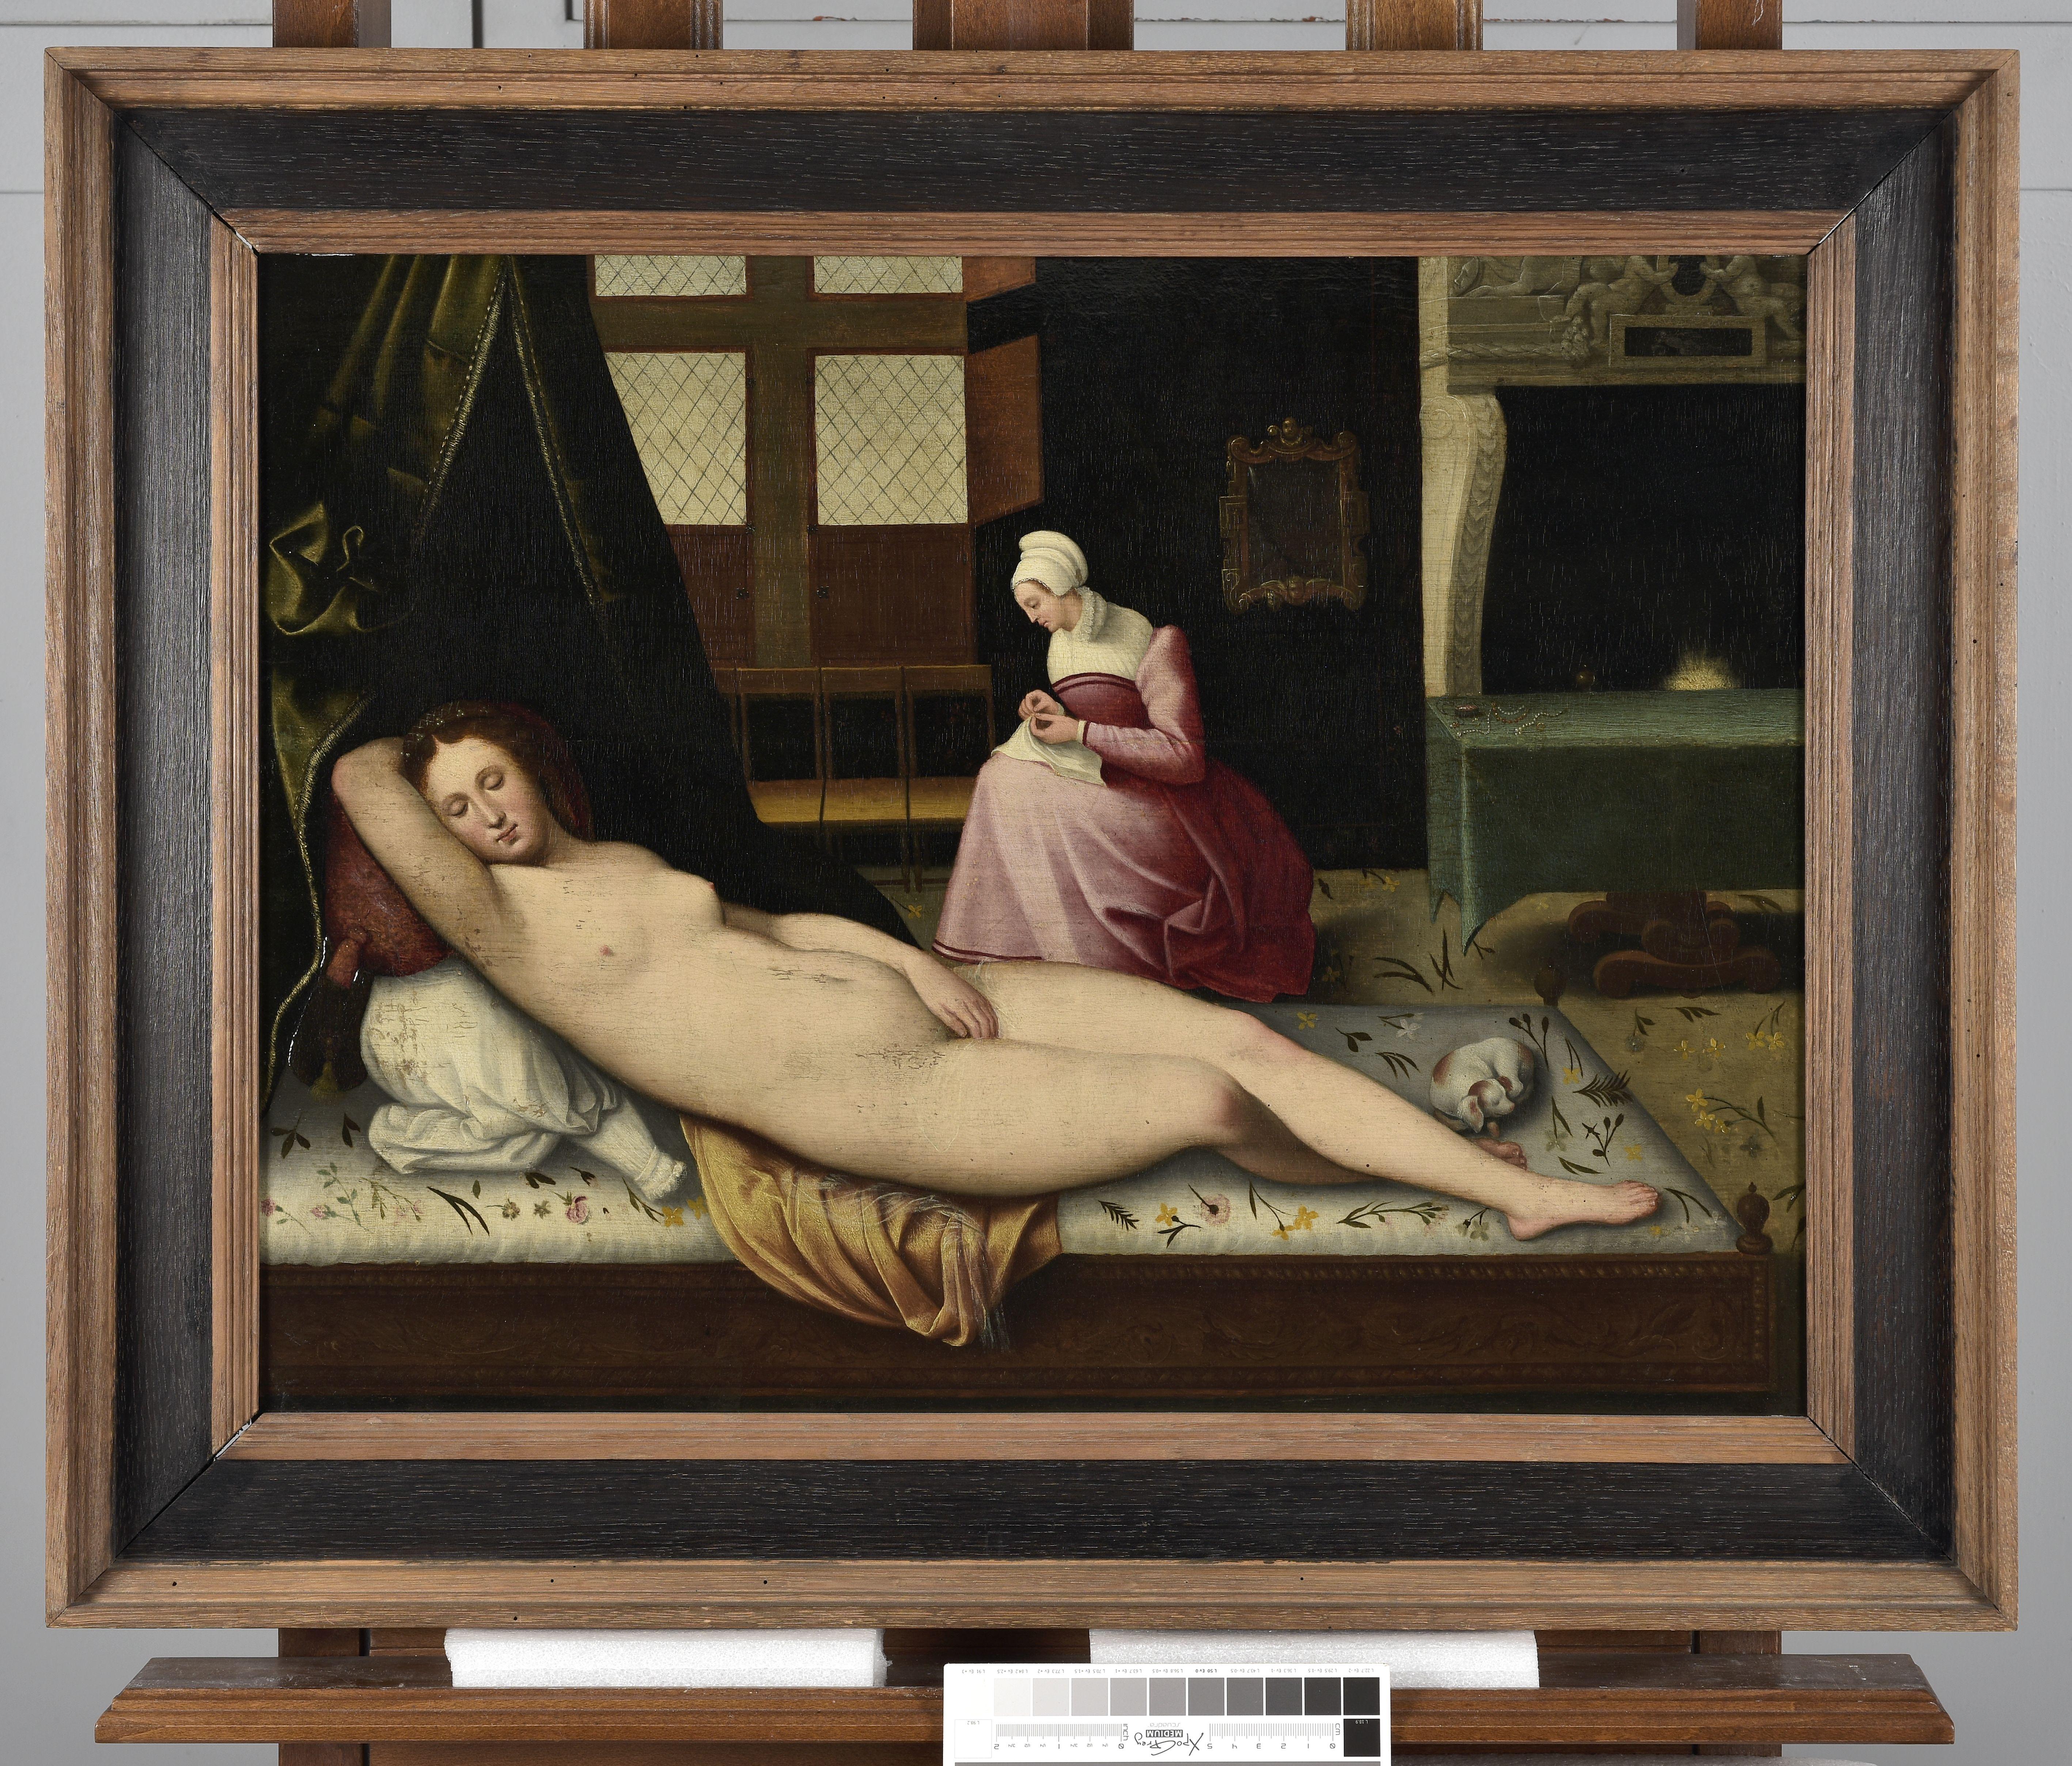 mnr/MNR00496/MNR496-Titien_ecole_de_Fontainebleau_Venus_couchee_mba_2112_-copyright-Musees_de_Strasbourg_M_Bertola-2017.jpg